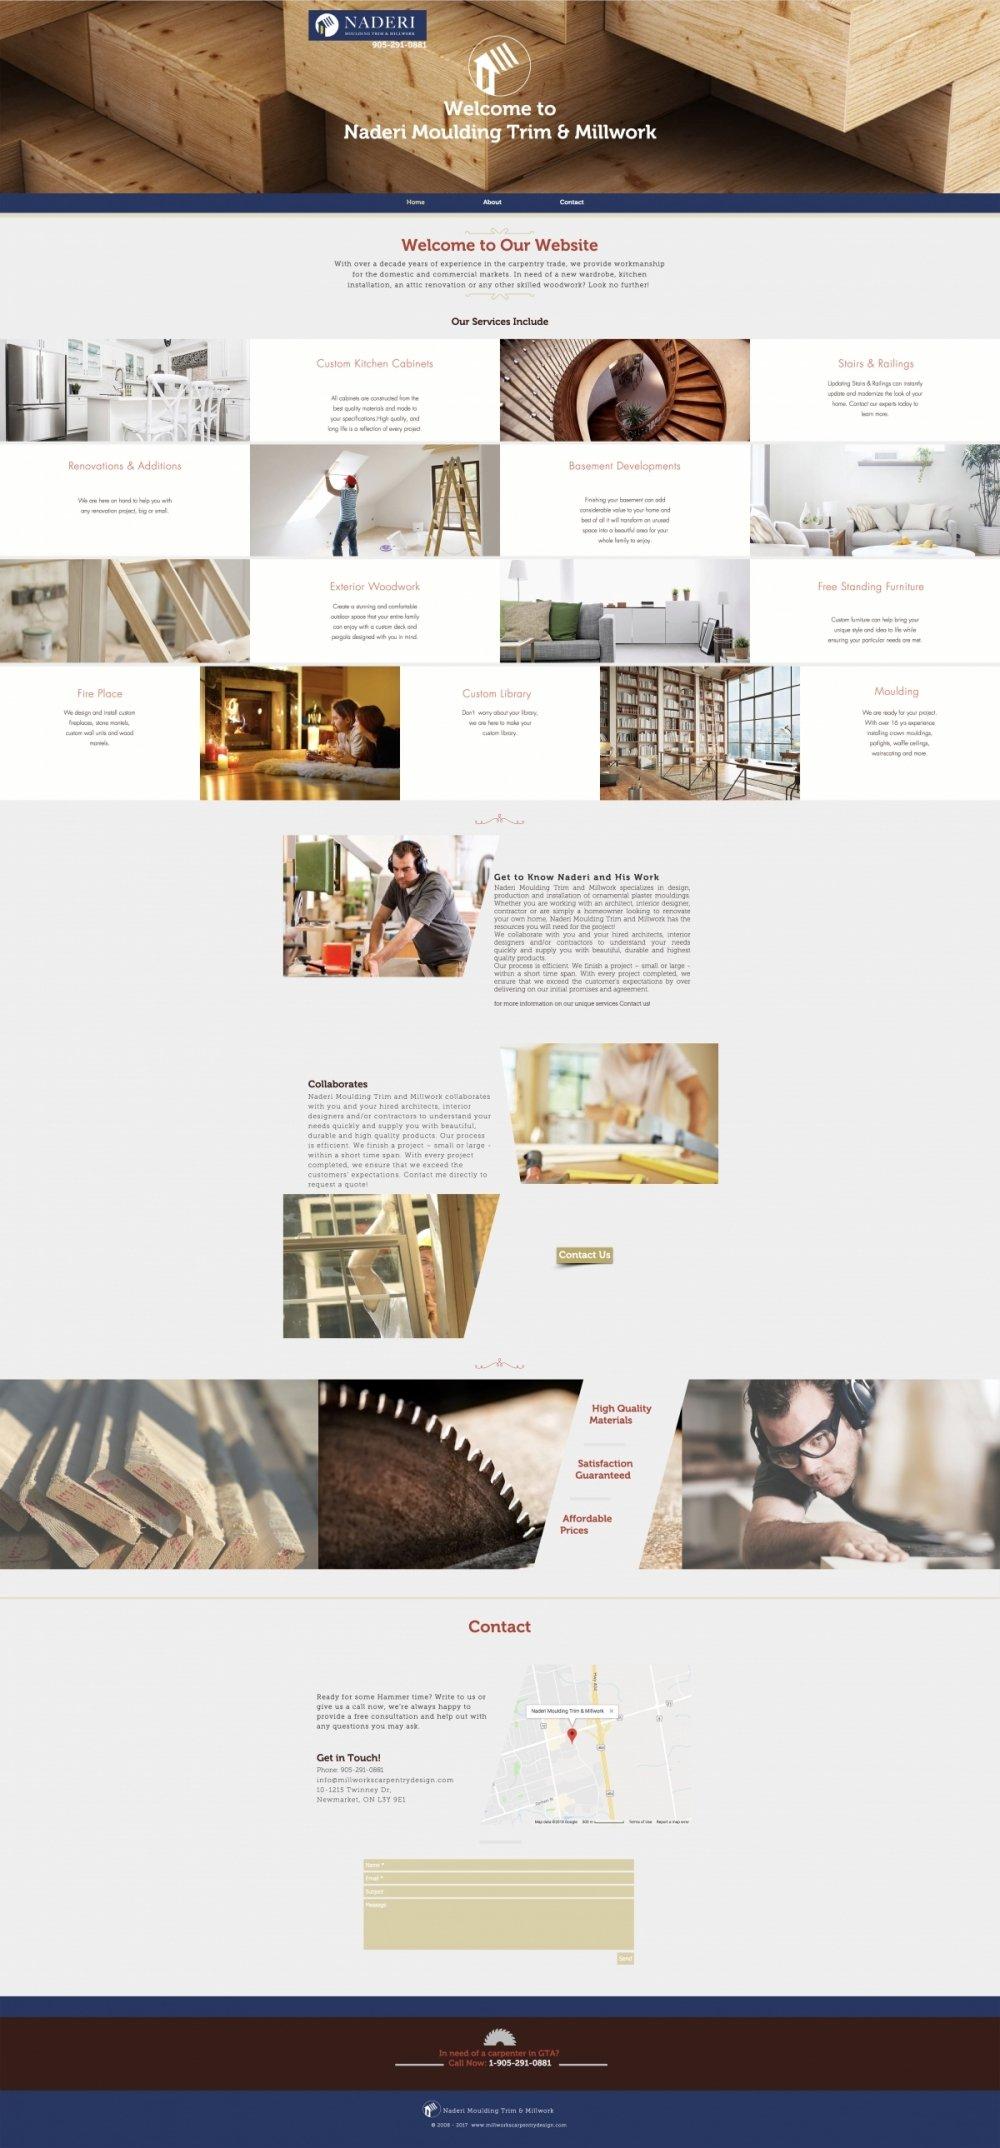 Naderi Moulding Trim & Millwork 2